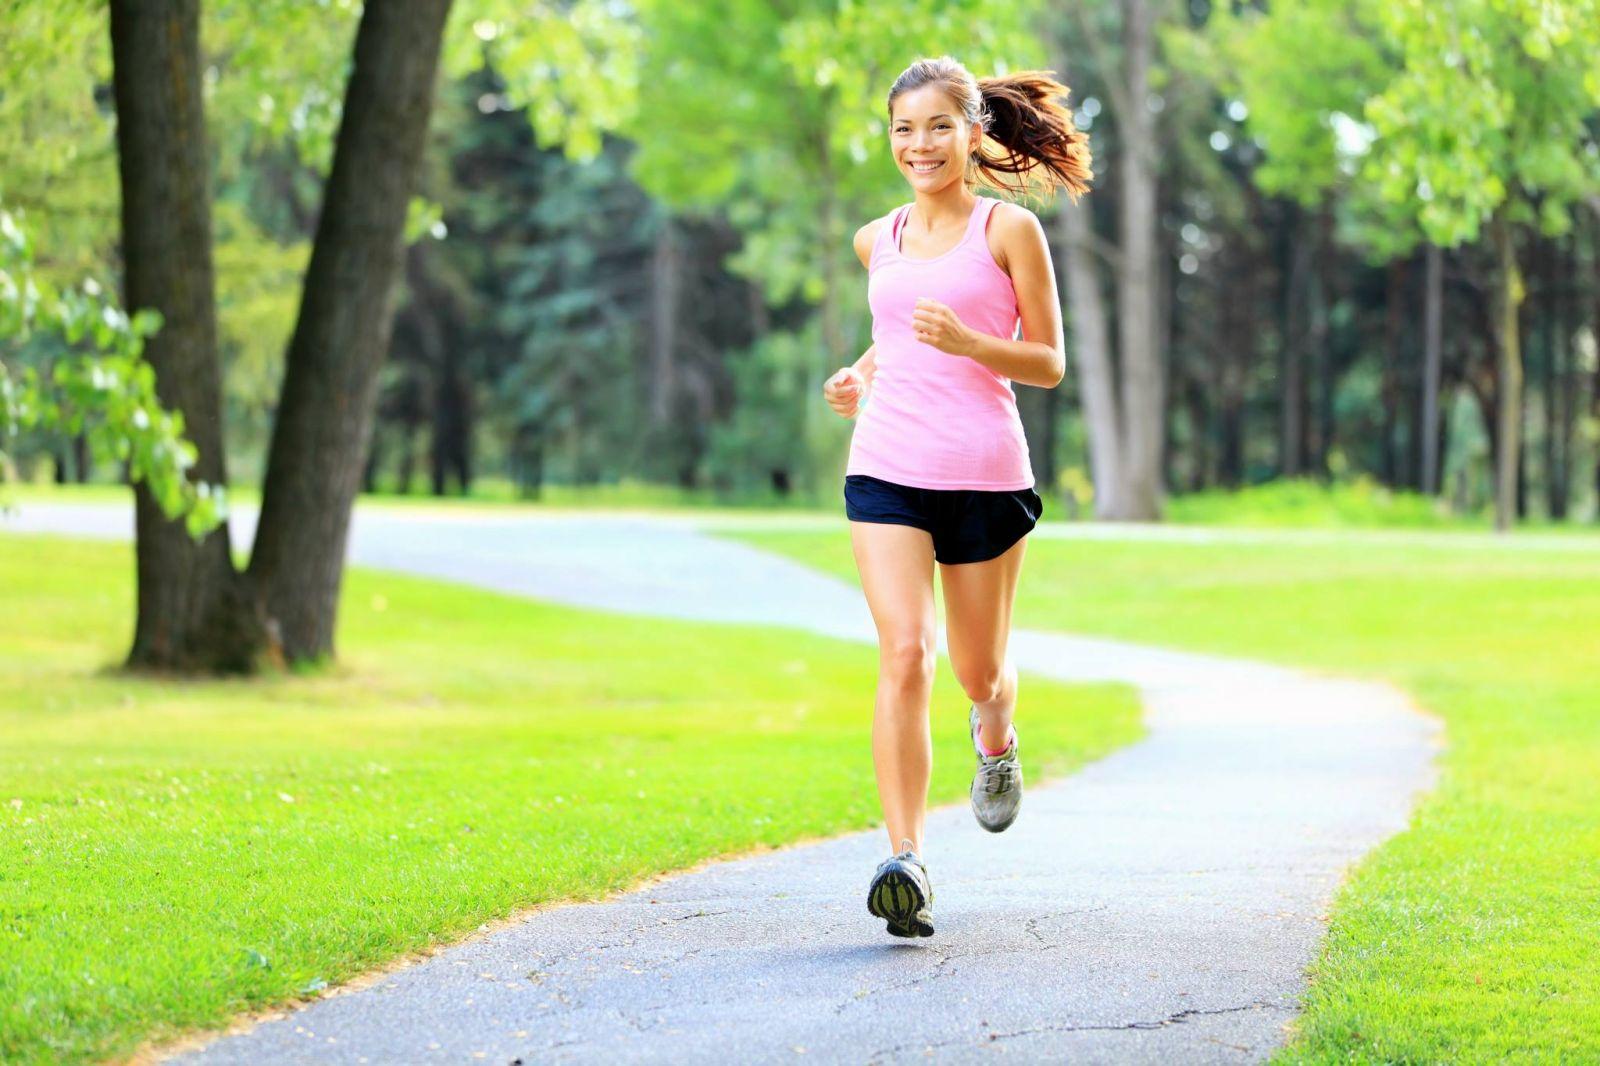 sống hạnh phúc mỗi ngày: Tập thể dục thường xuyên